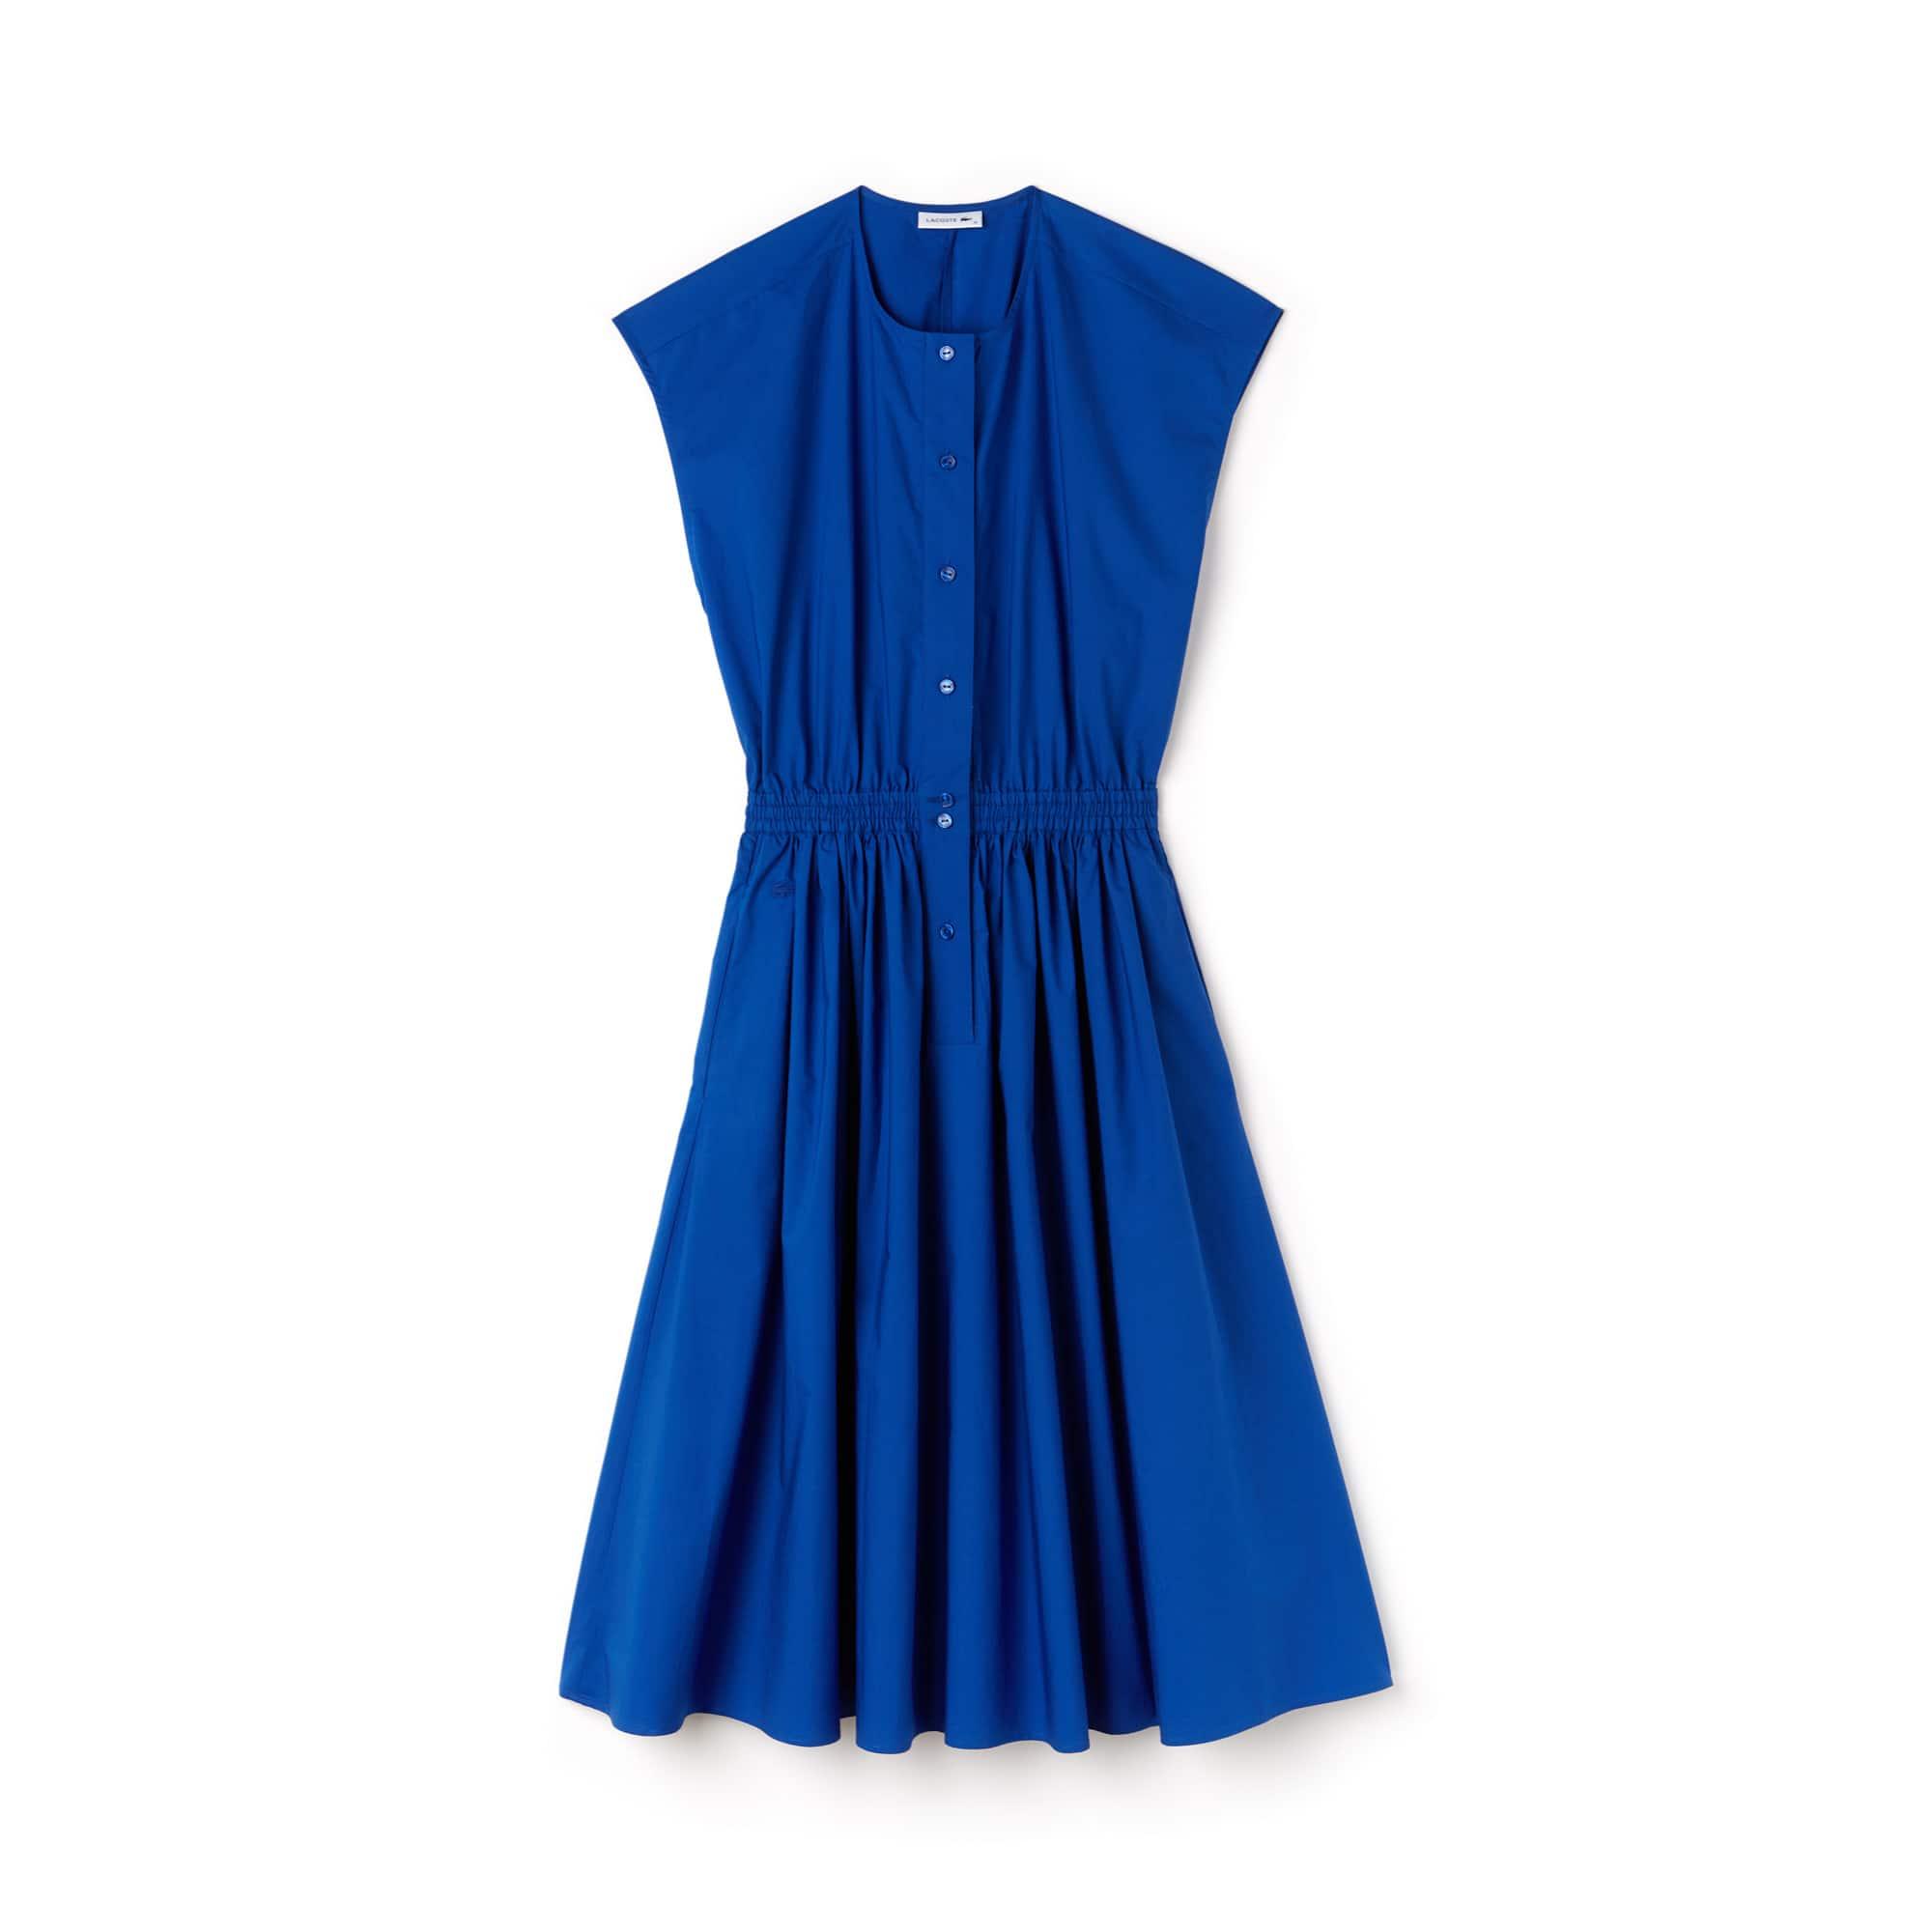 Women's Fitted Cotton Poplin Dress